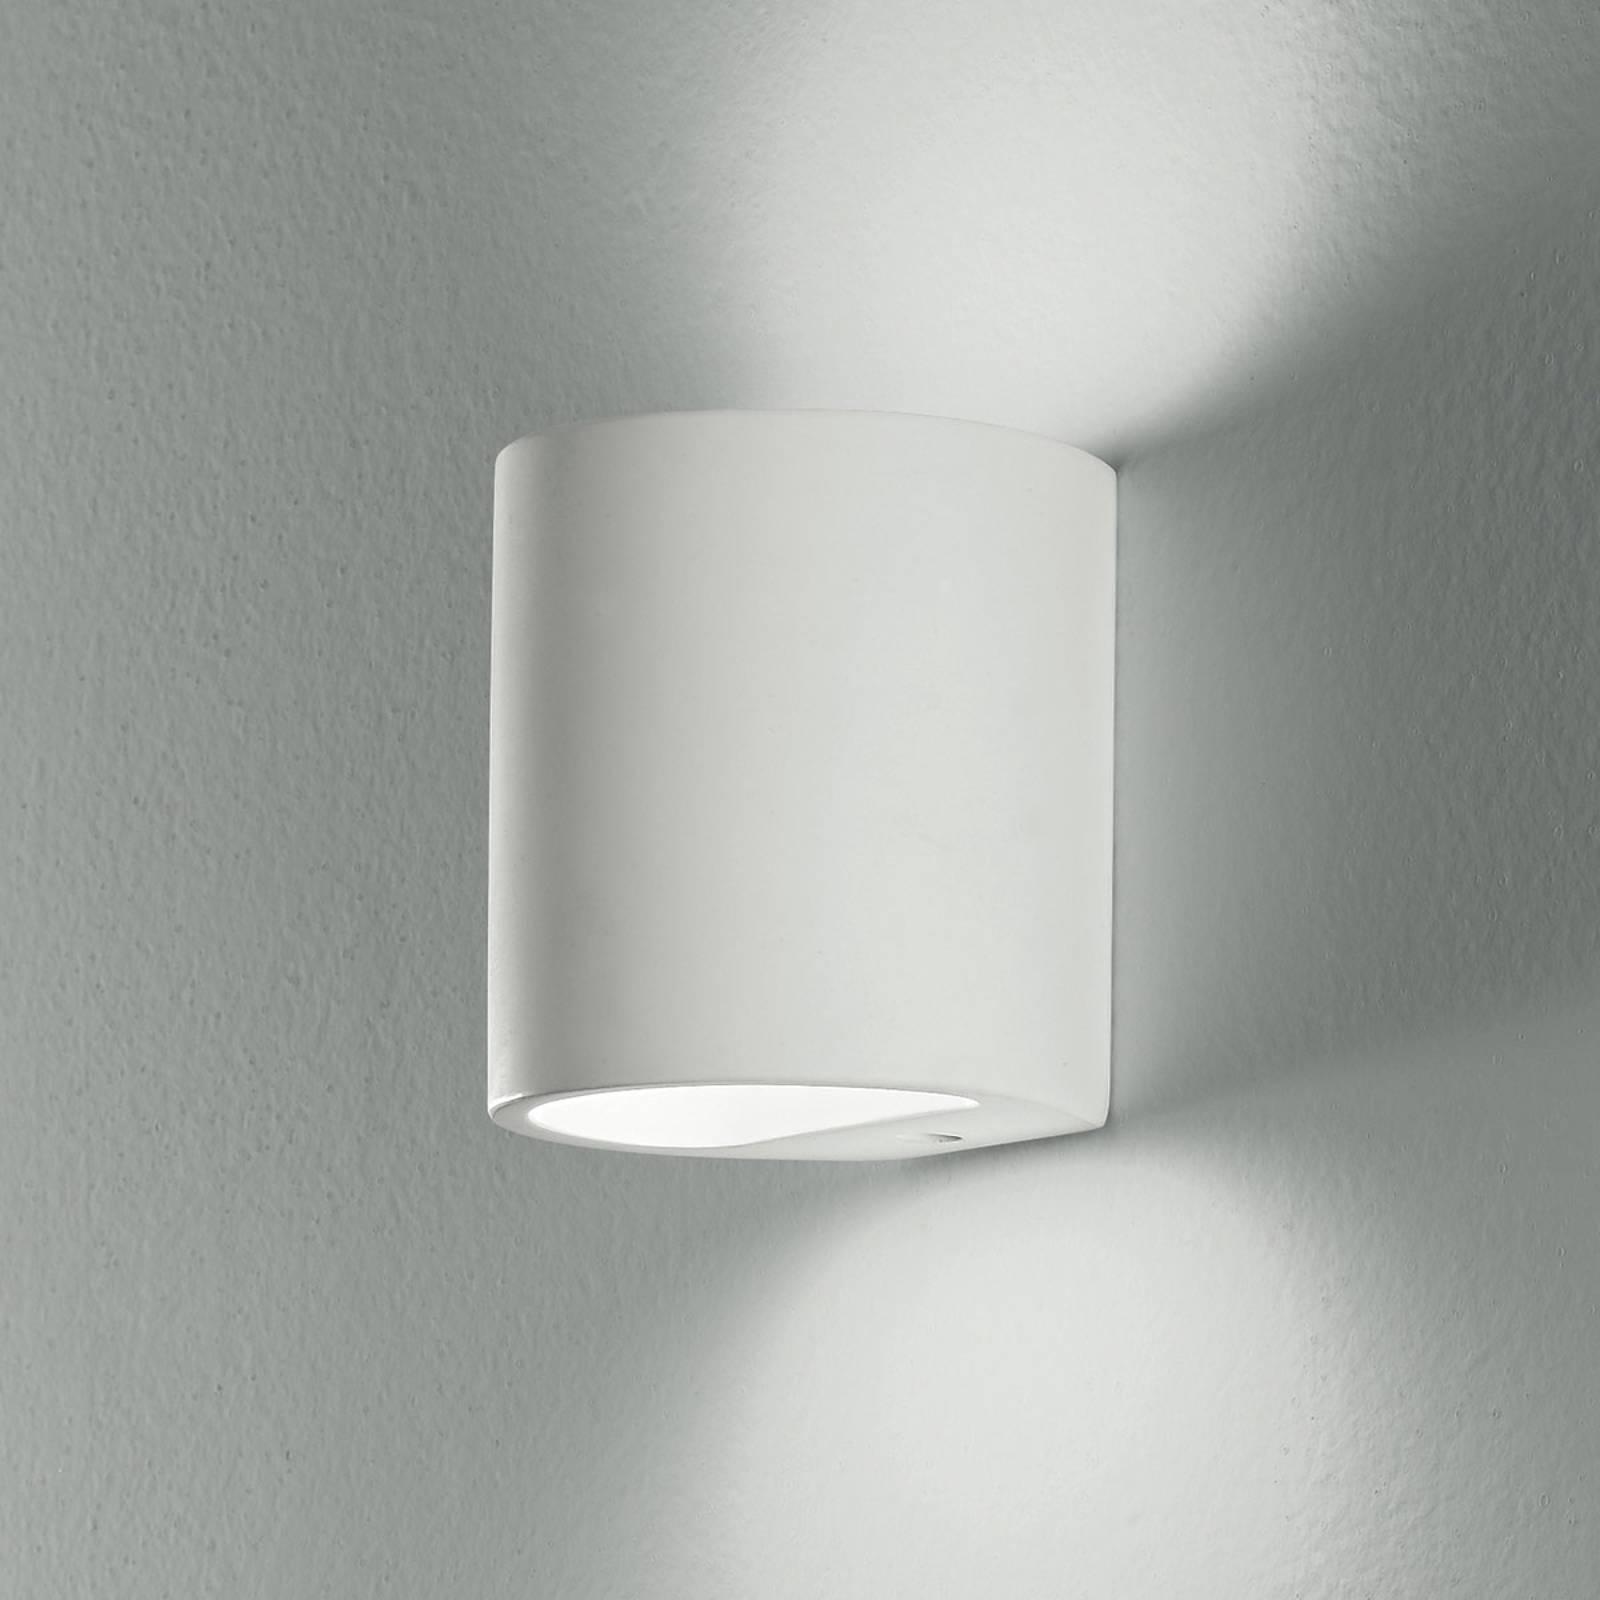 Seinävalaisin Shine up&downlight, valkoinen